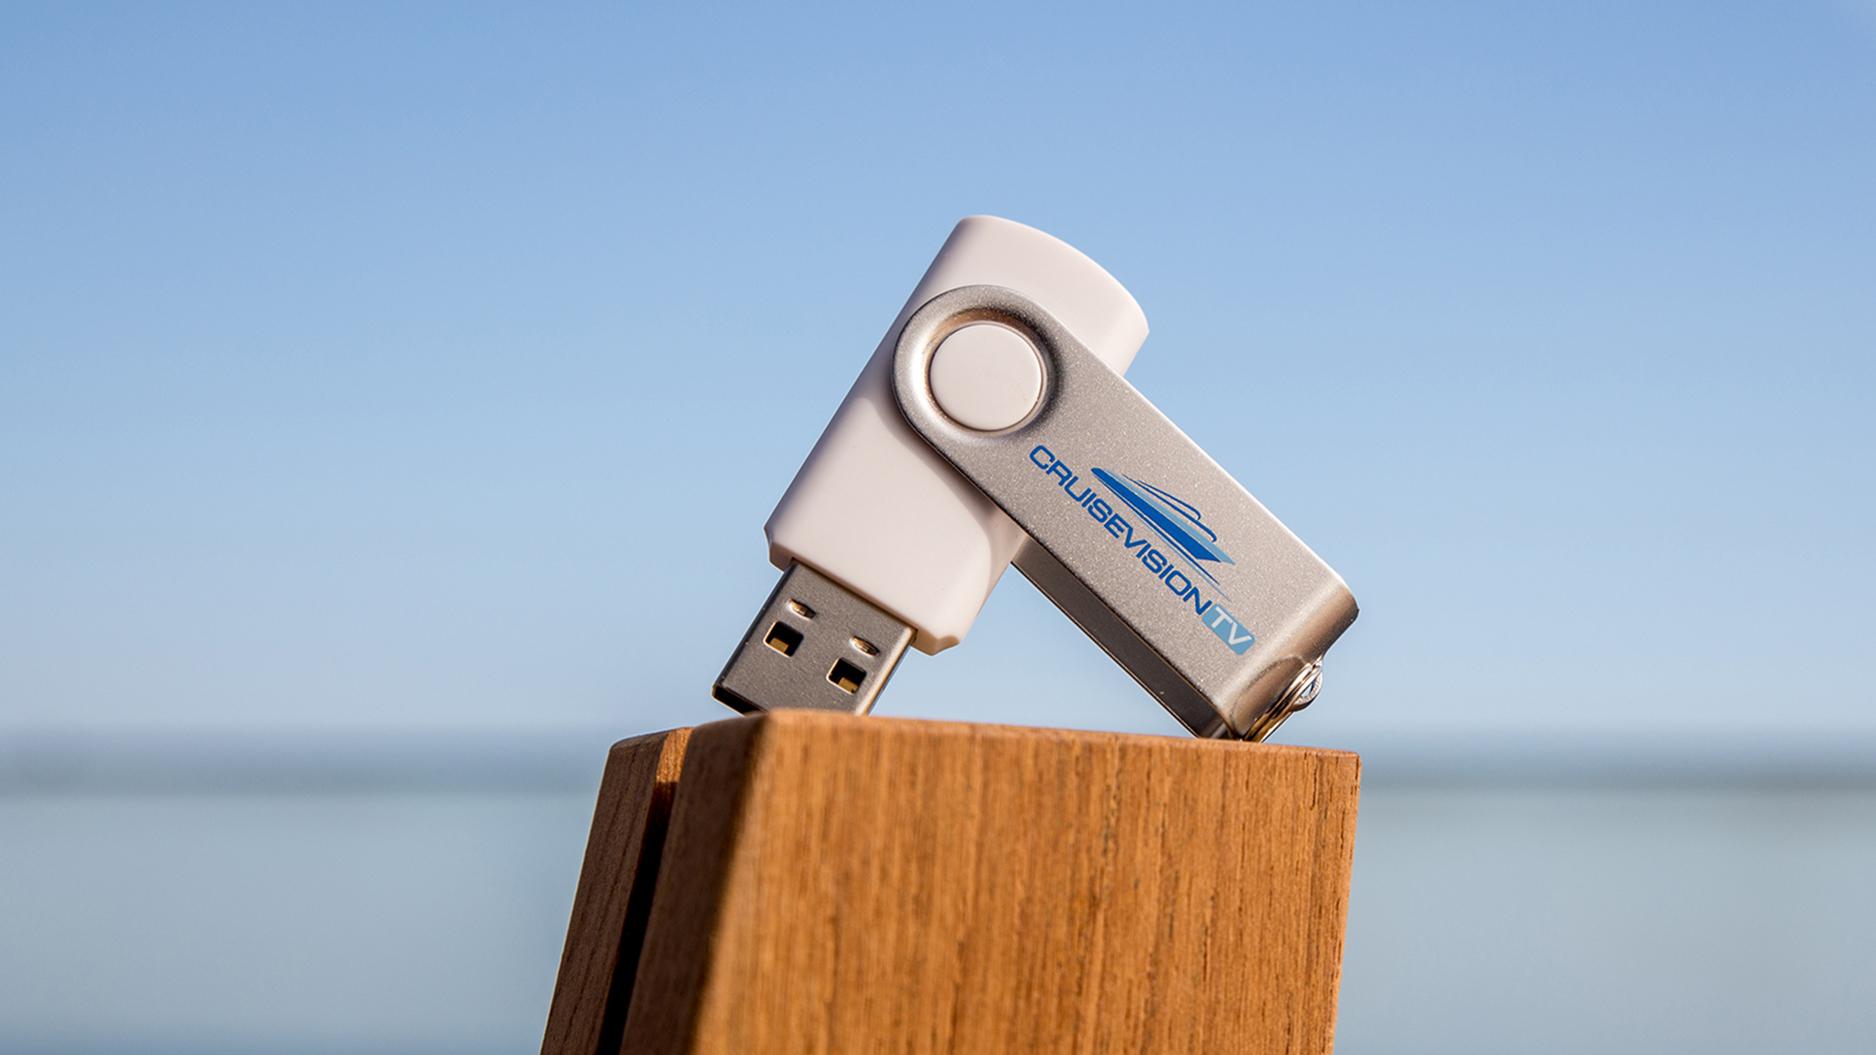 Der Abschiedsfilm für die Mein Schiff 1 auf USB-Stick